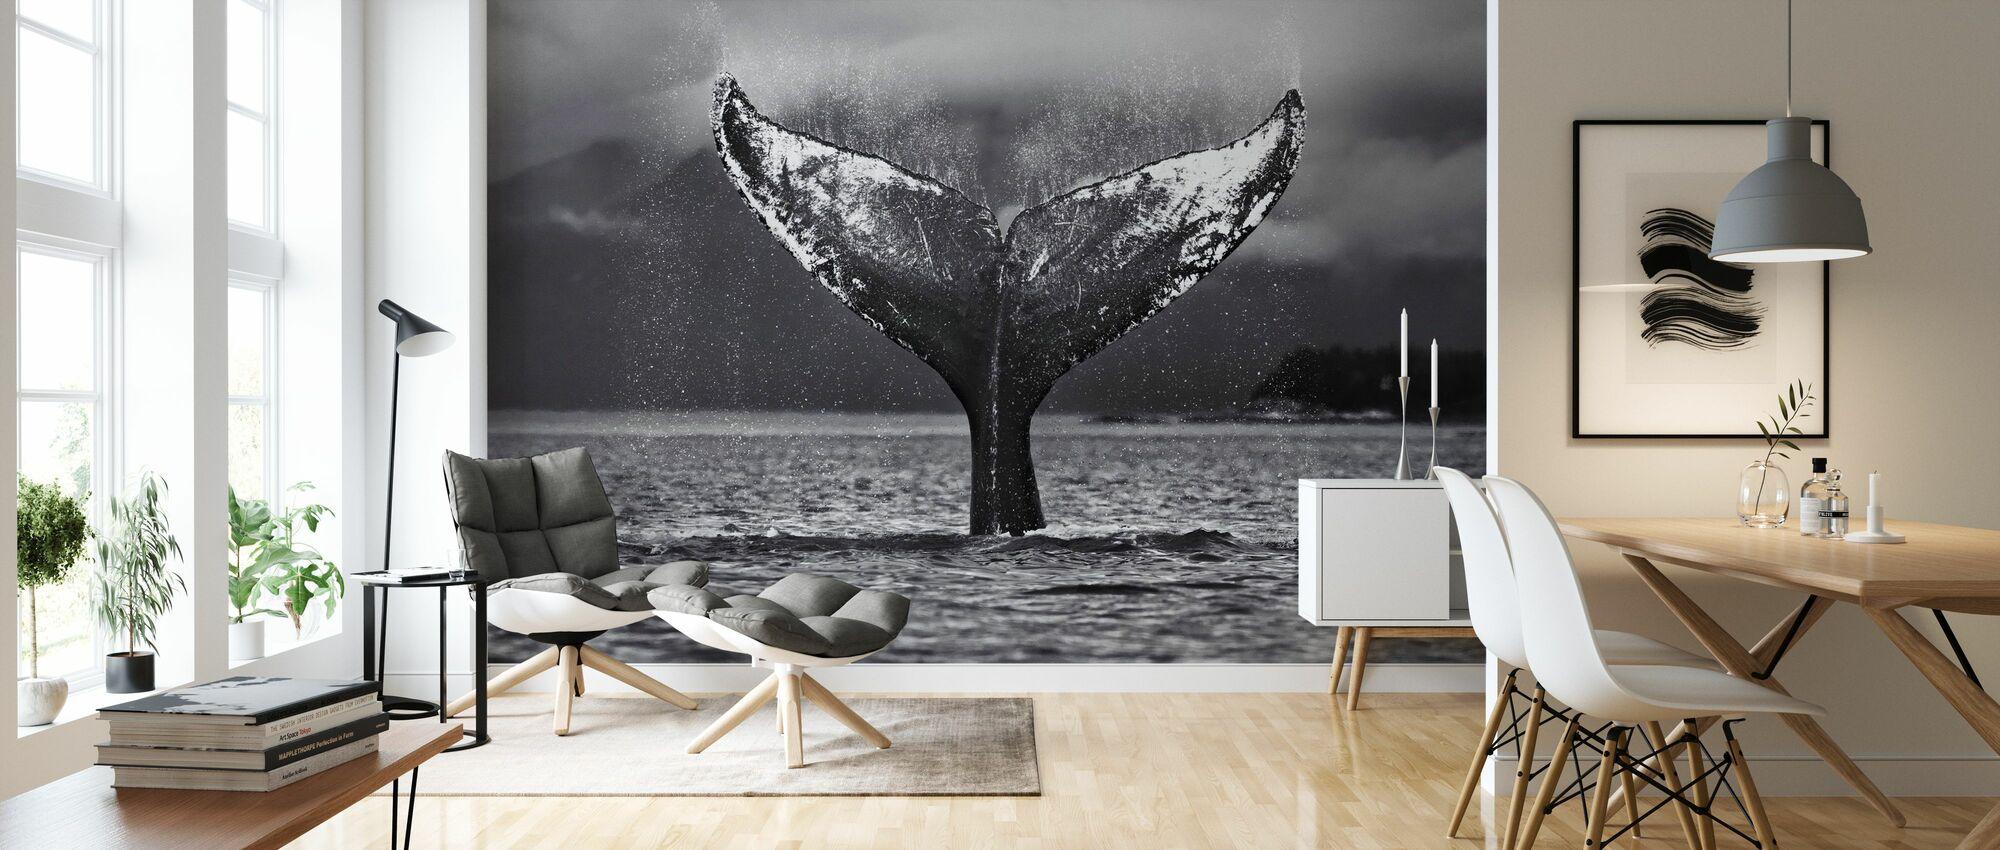 Humpback Whale, Alaska - Wallpaper - Living Room